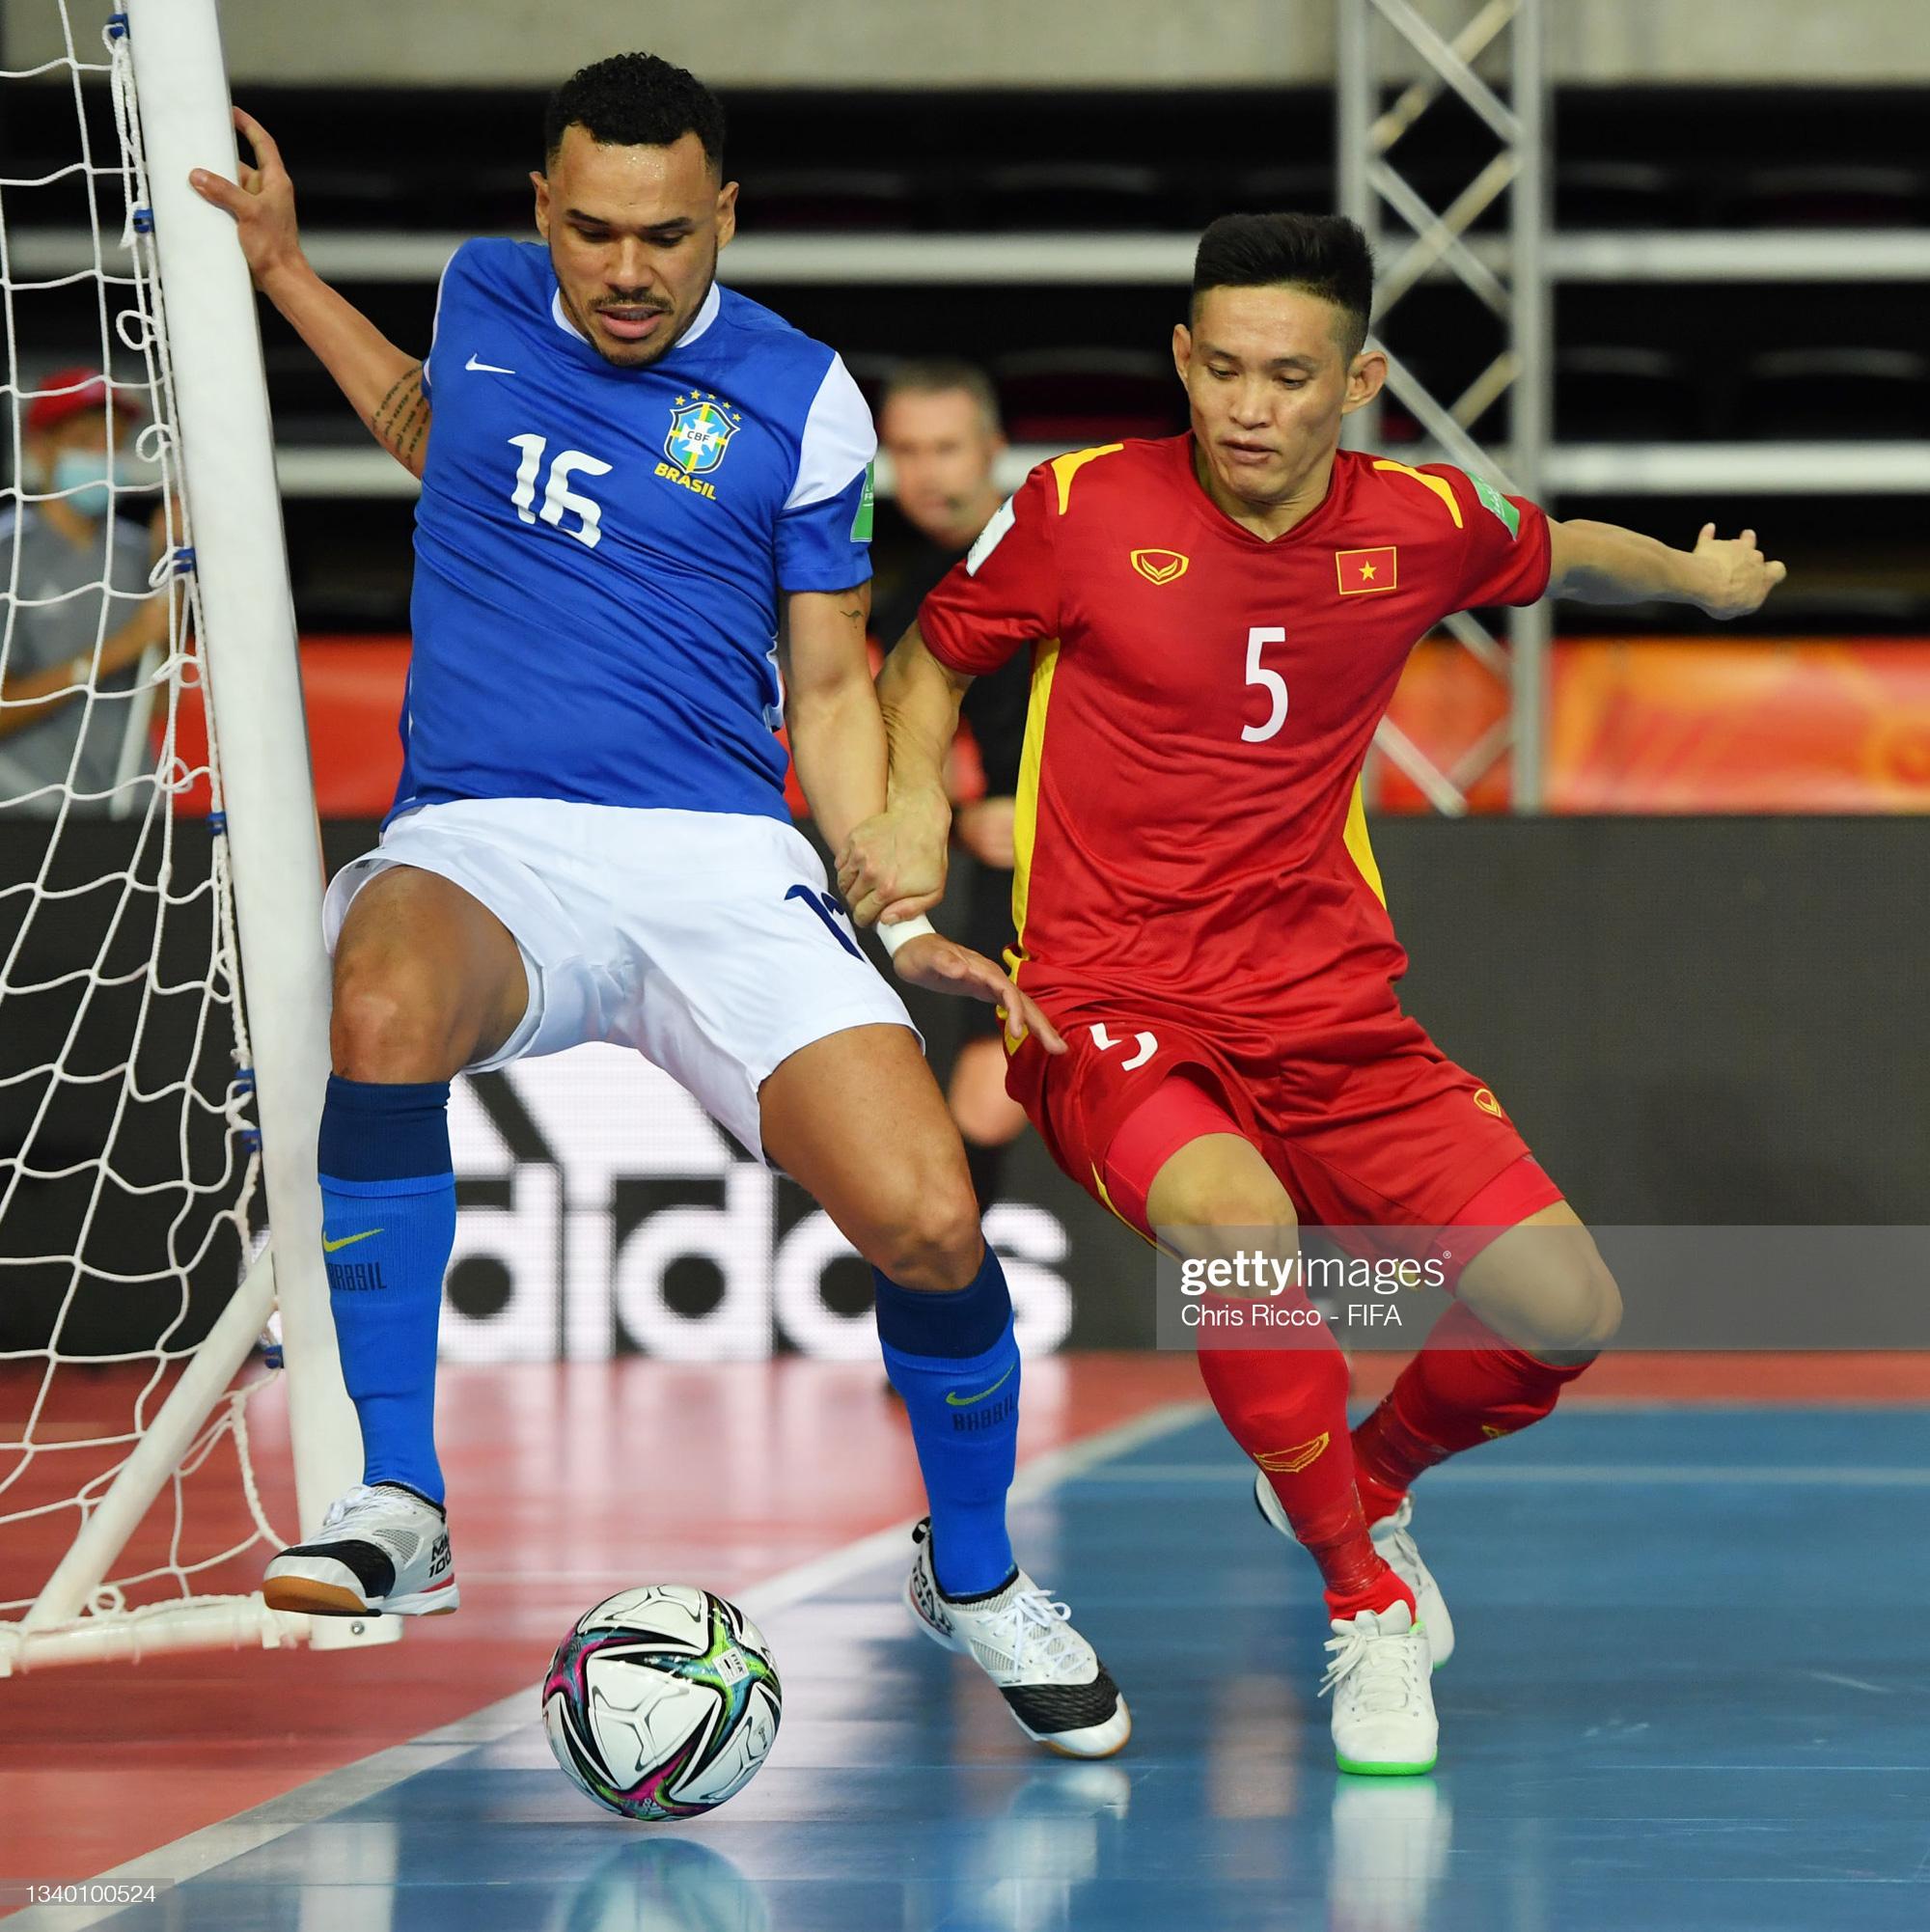 Vào đến vòng 16 đội World Cup 2021, các tuyển thủ futsal Việt Nam vẫn chỉ có lượt theo dõi khiêm tốn trên mạng xã hội - Ảnh 10.